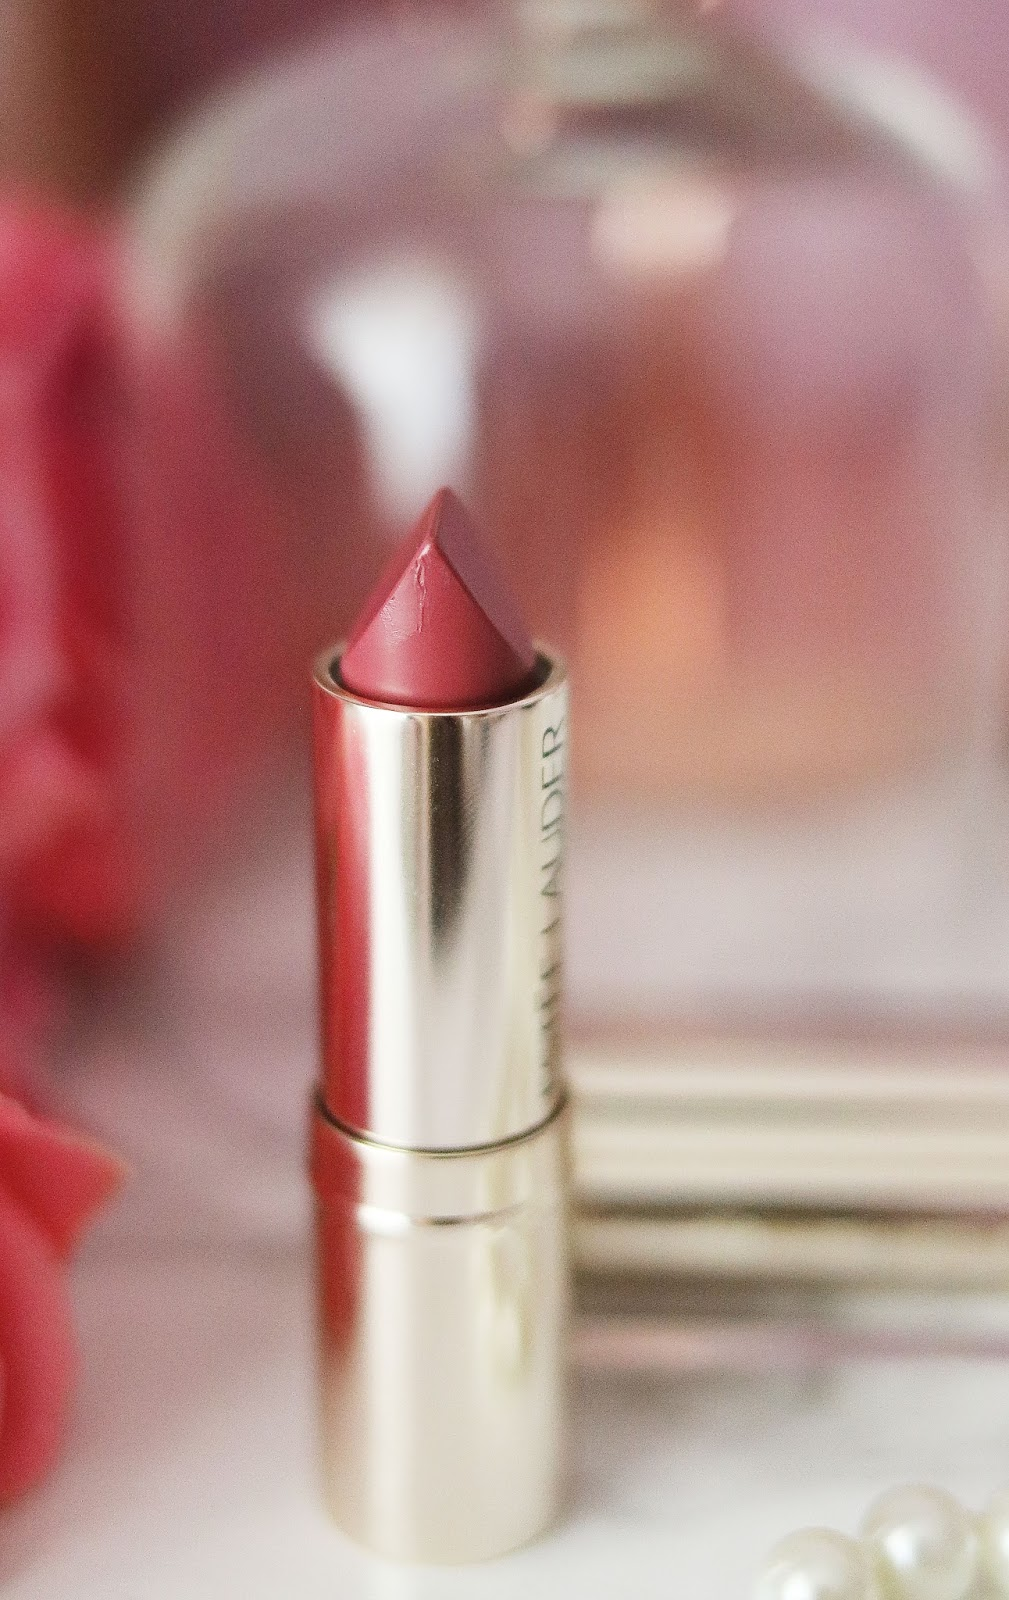 PURE COLOR LOVE , Estée Lauder , Strapless , rosemademoiselle , Rose Mademoiselle , Blog Beauté PARIS , revue ,avis , swatch , octoly